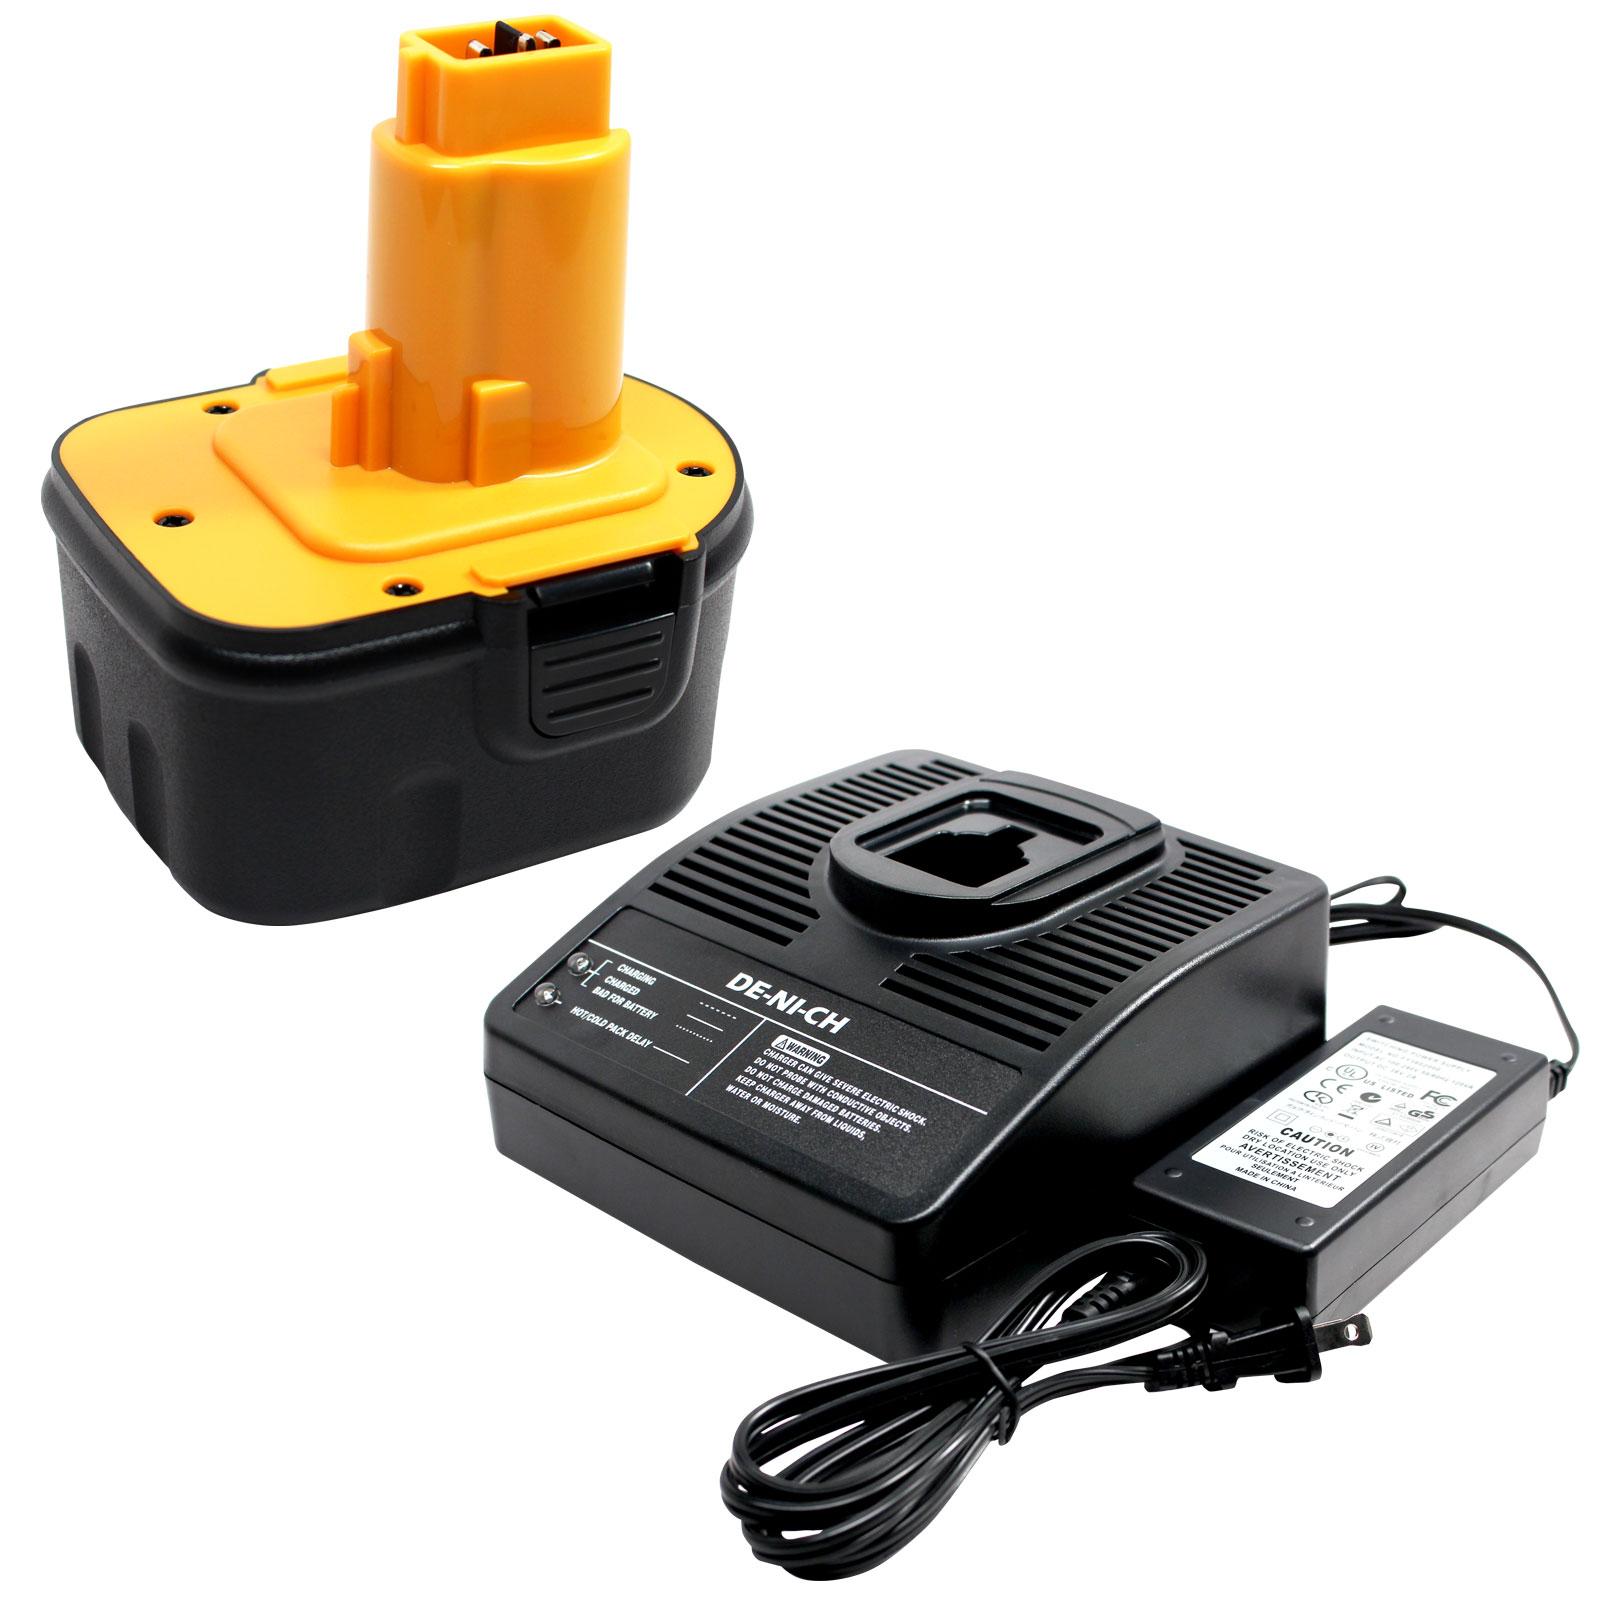 Chargeur de batterie 1,2v-18v Ni-Cd Ni-MH pour DEWALT de9072 de9074 de9075 de9274